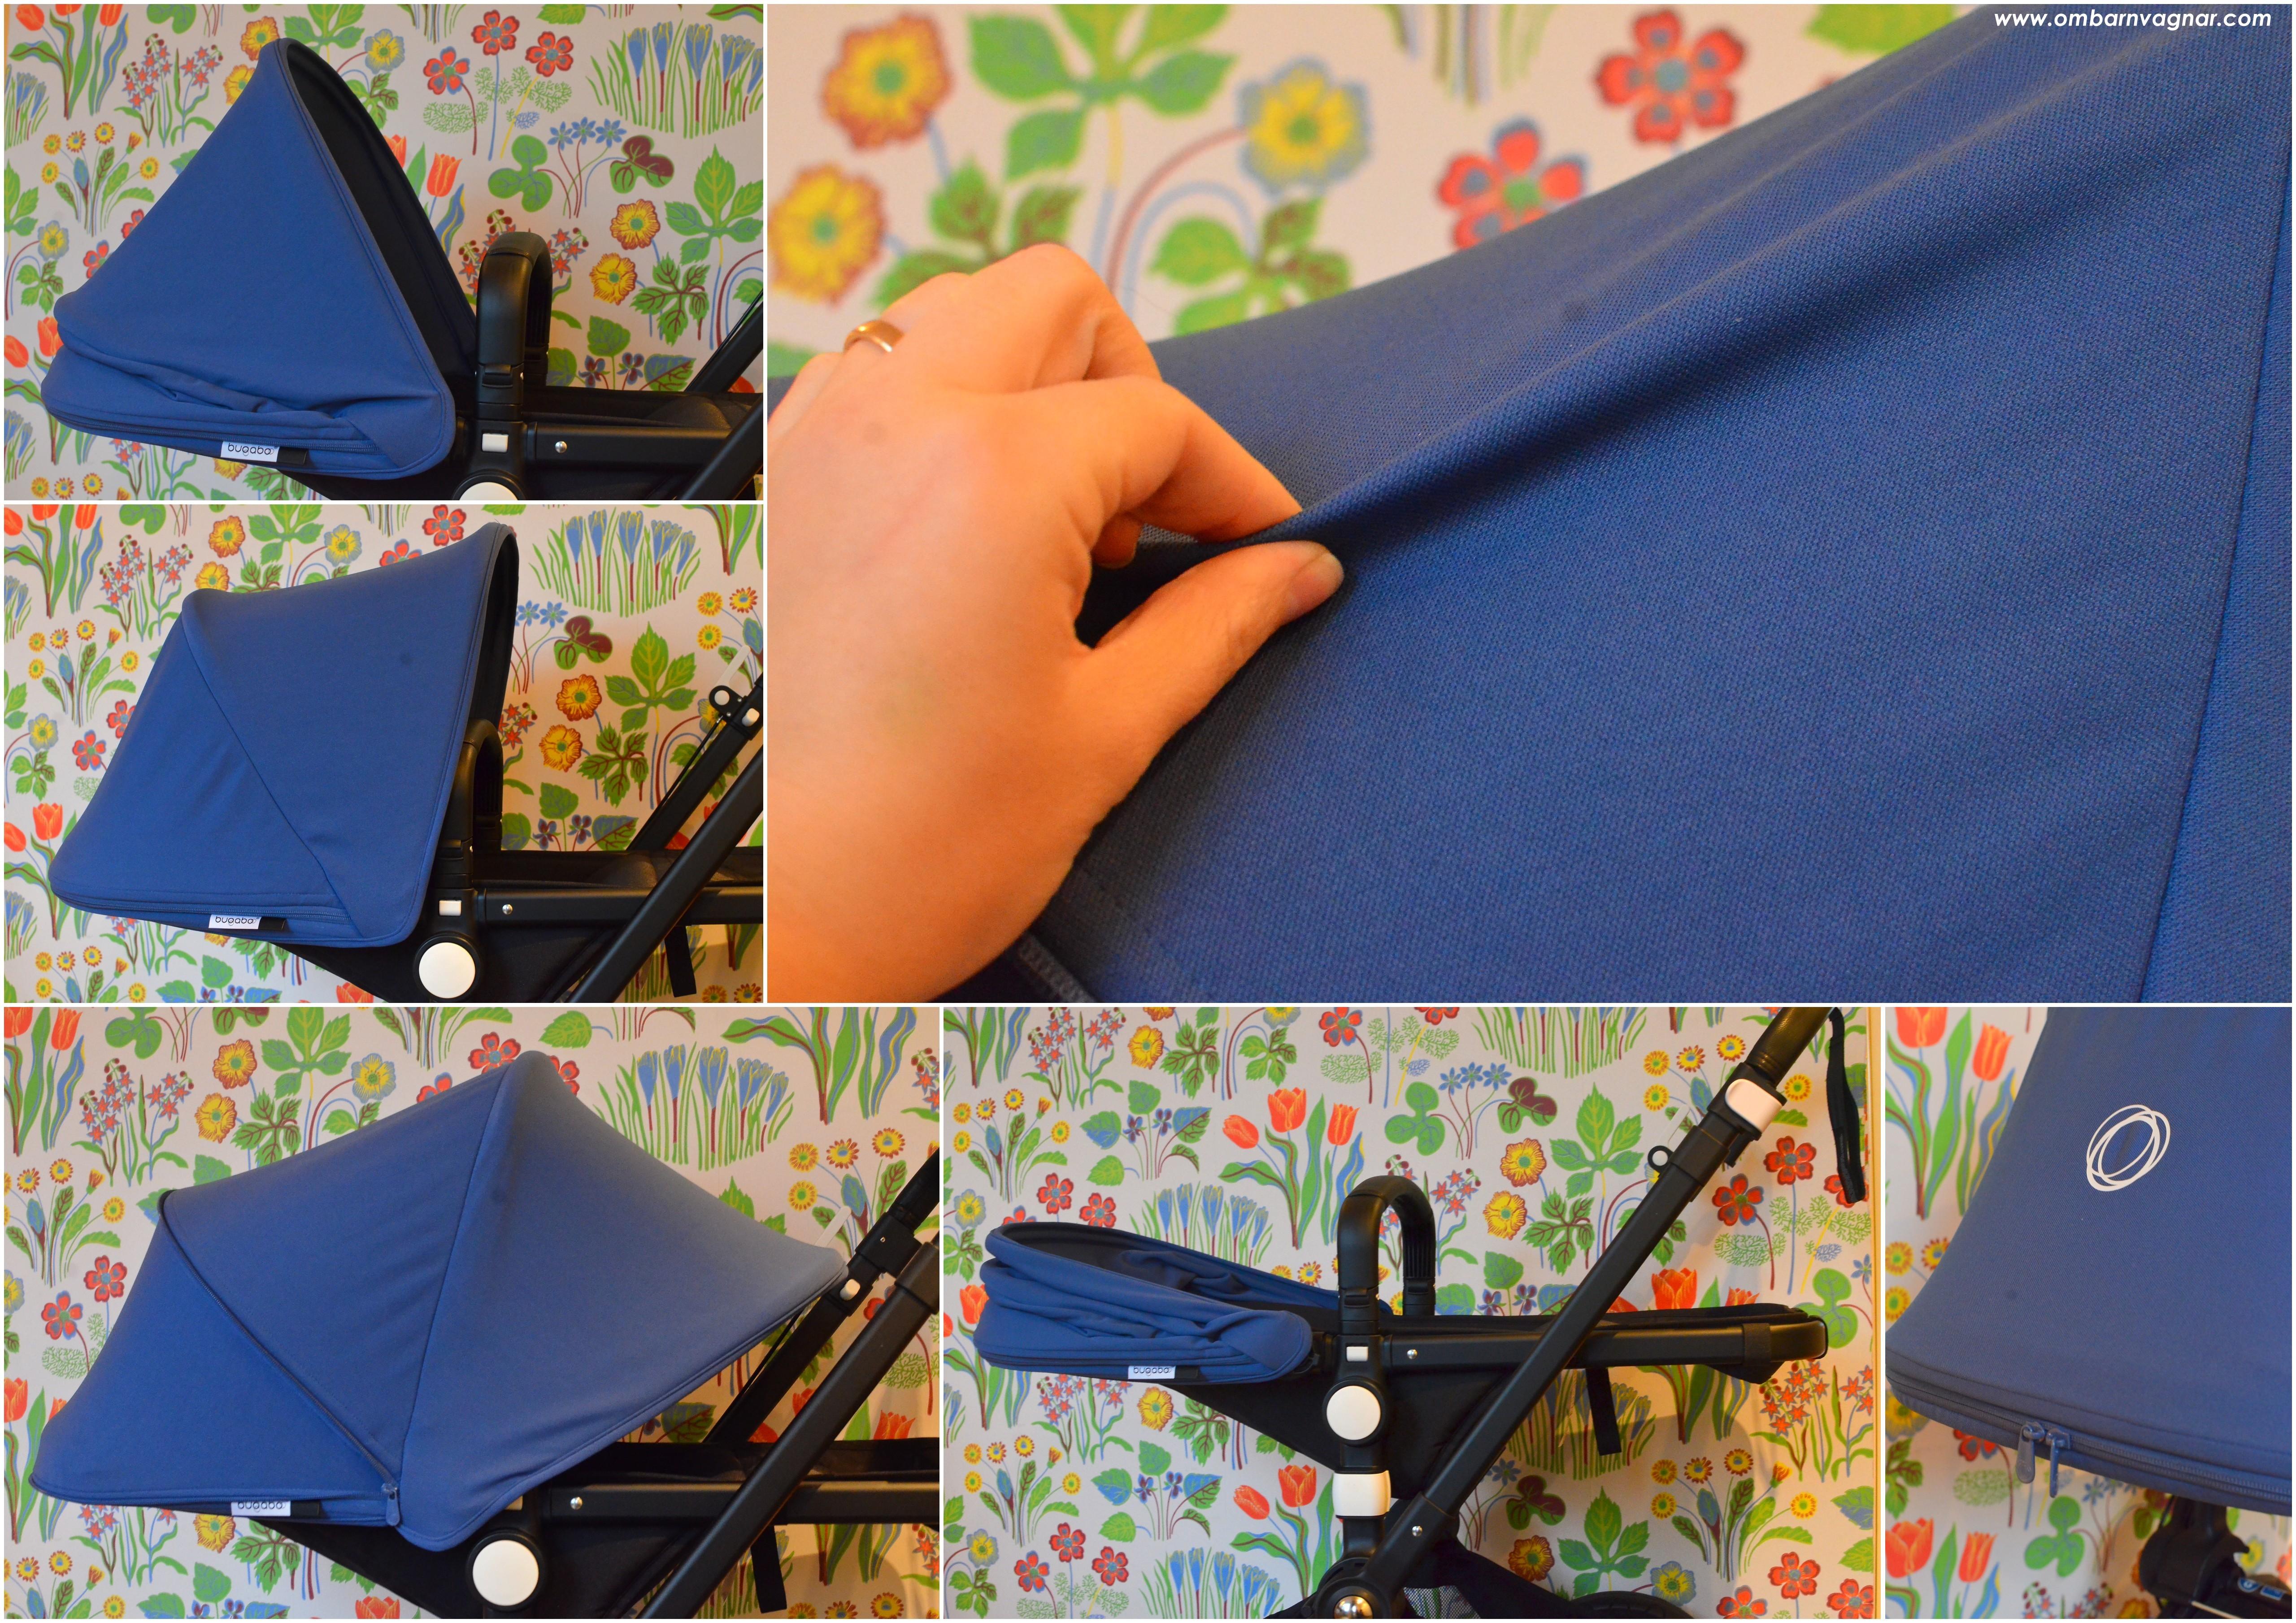 Bugaboo Cameleon3 Plus har en förlängningsbar sufflett i canvas och i stretchigt pikétyg